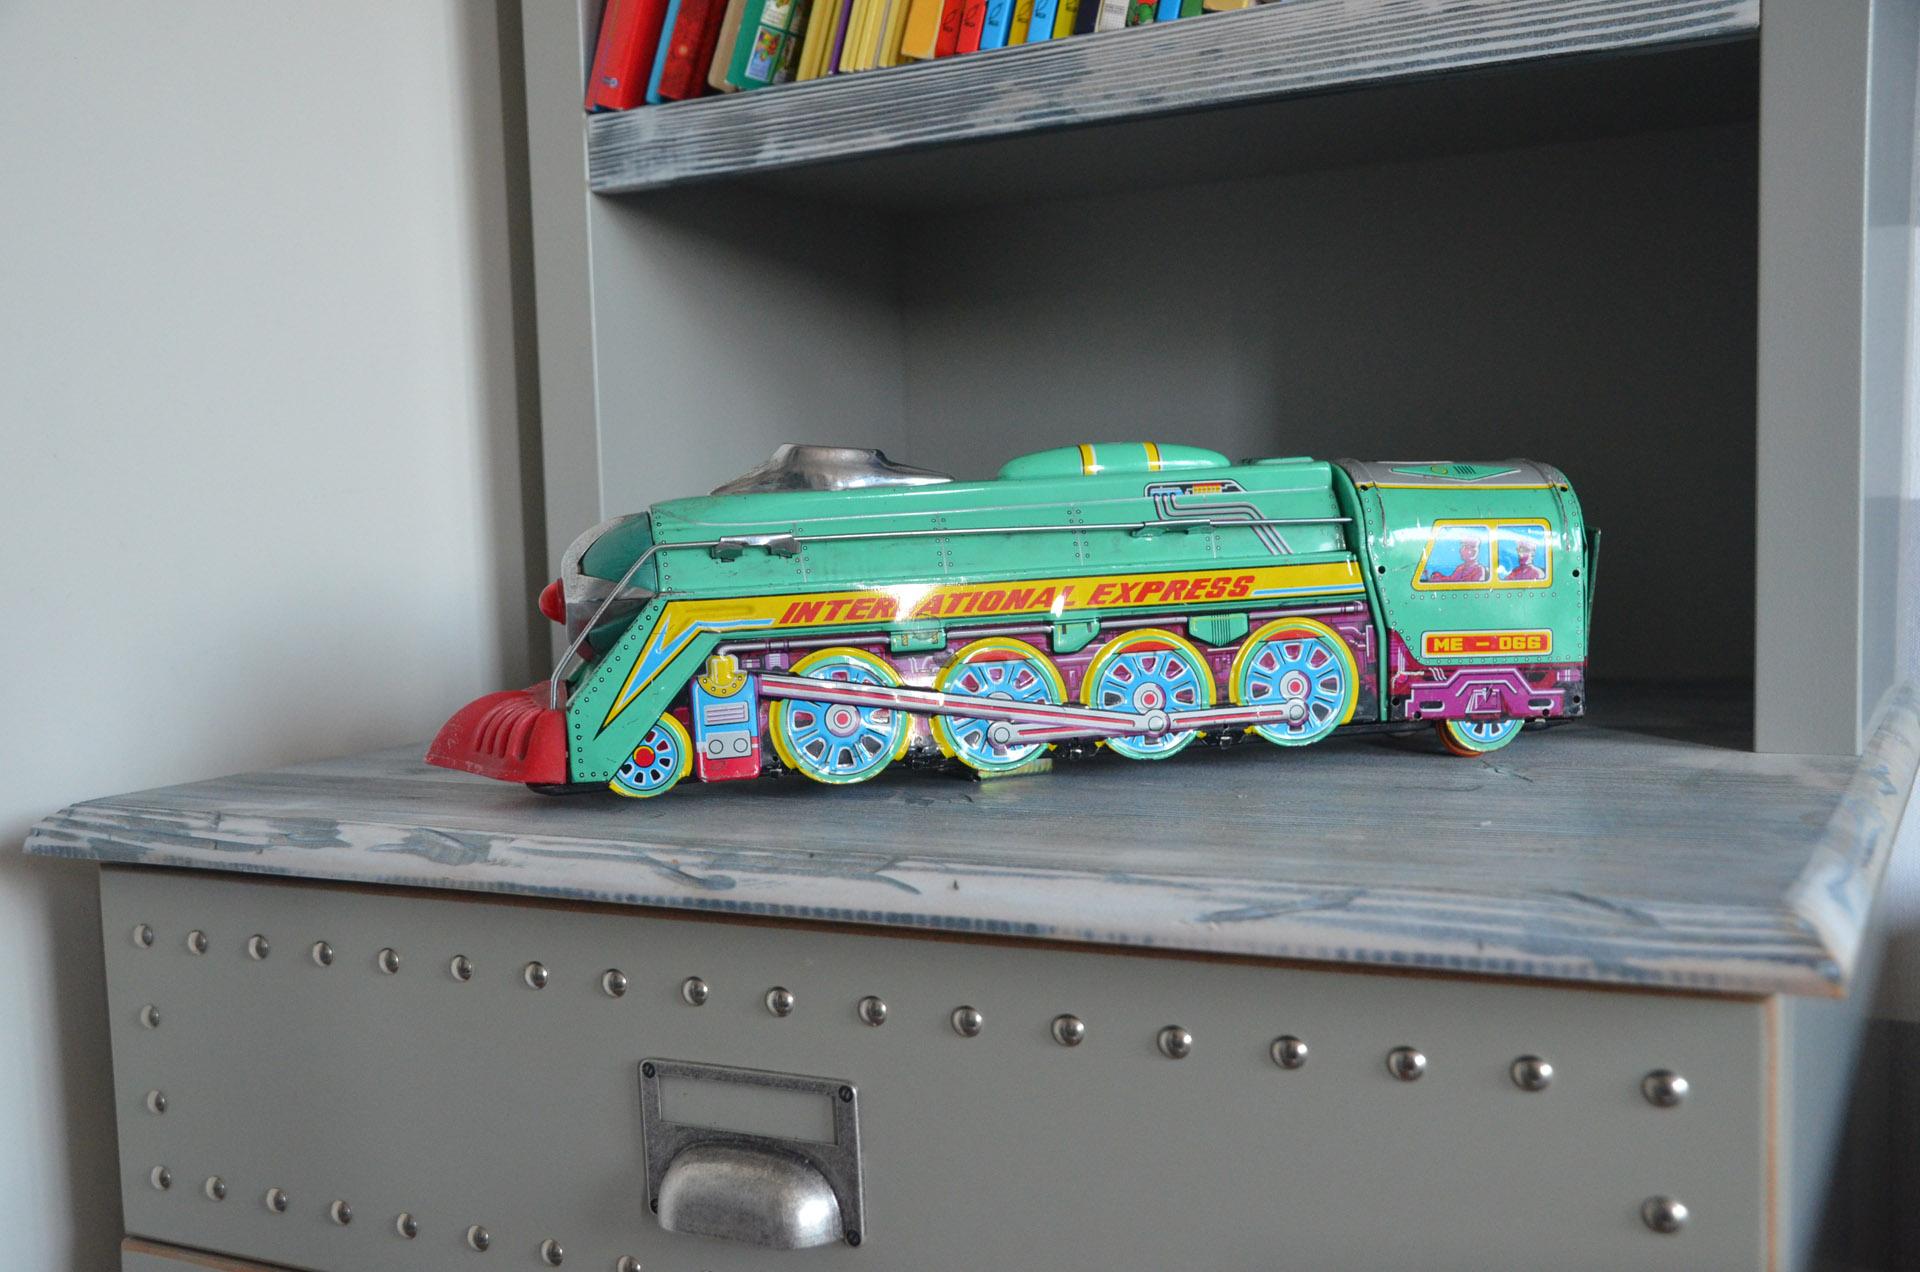 Stare zabawki w pokoju dziecka.jpg